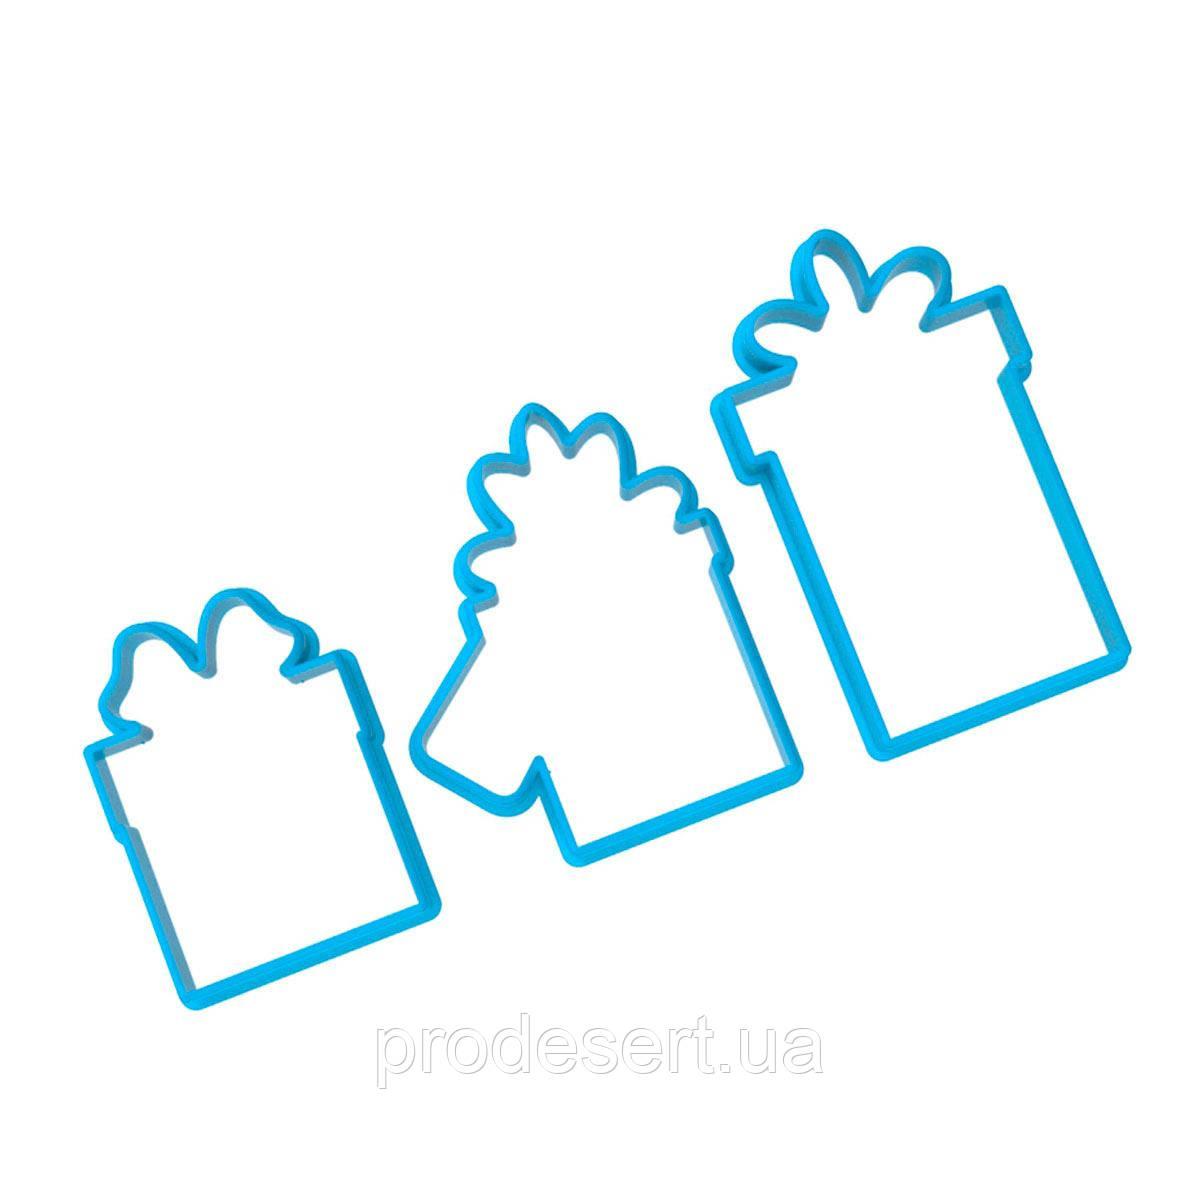 Подарунки набір міні-вирубок для пряників 5-7 см 3 шт (3D)